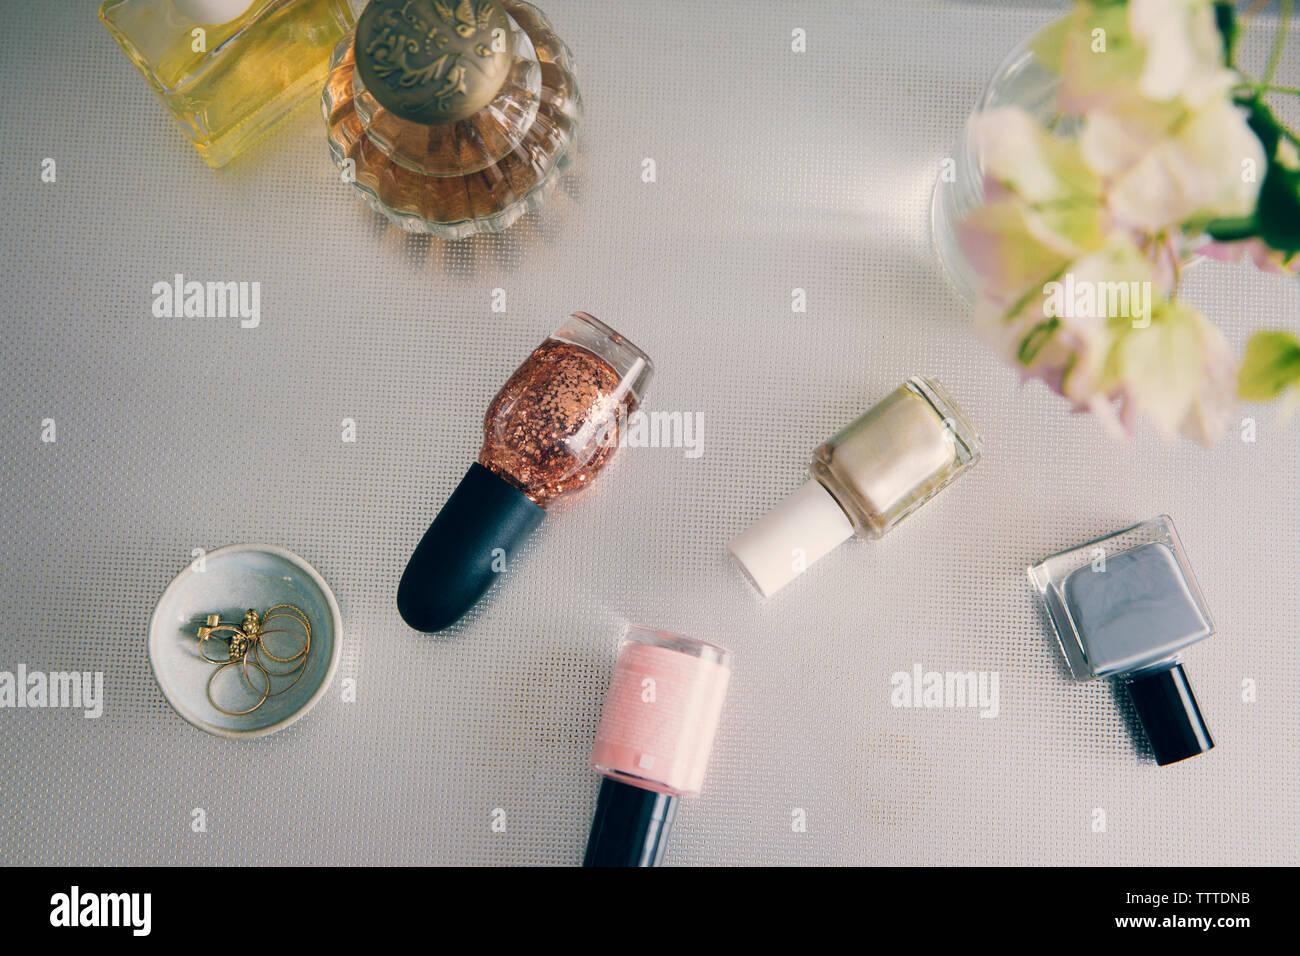 Un alto ángulo de visualización de productos de belleza con joyas de florero en la mesa Foto de stock